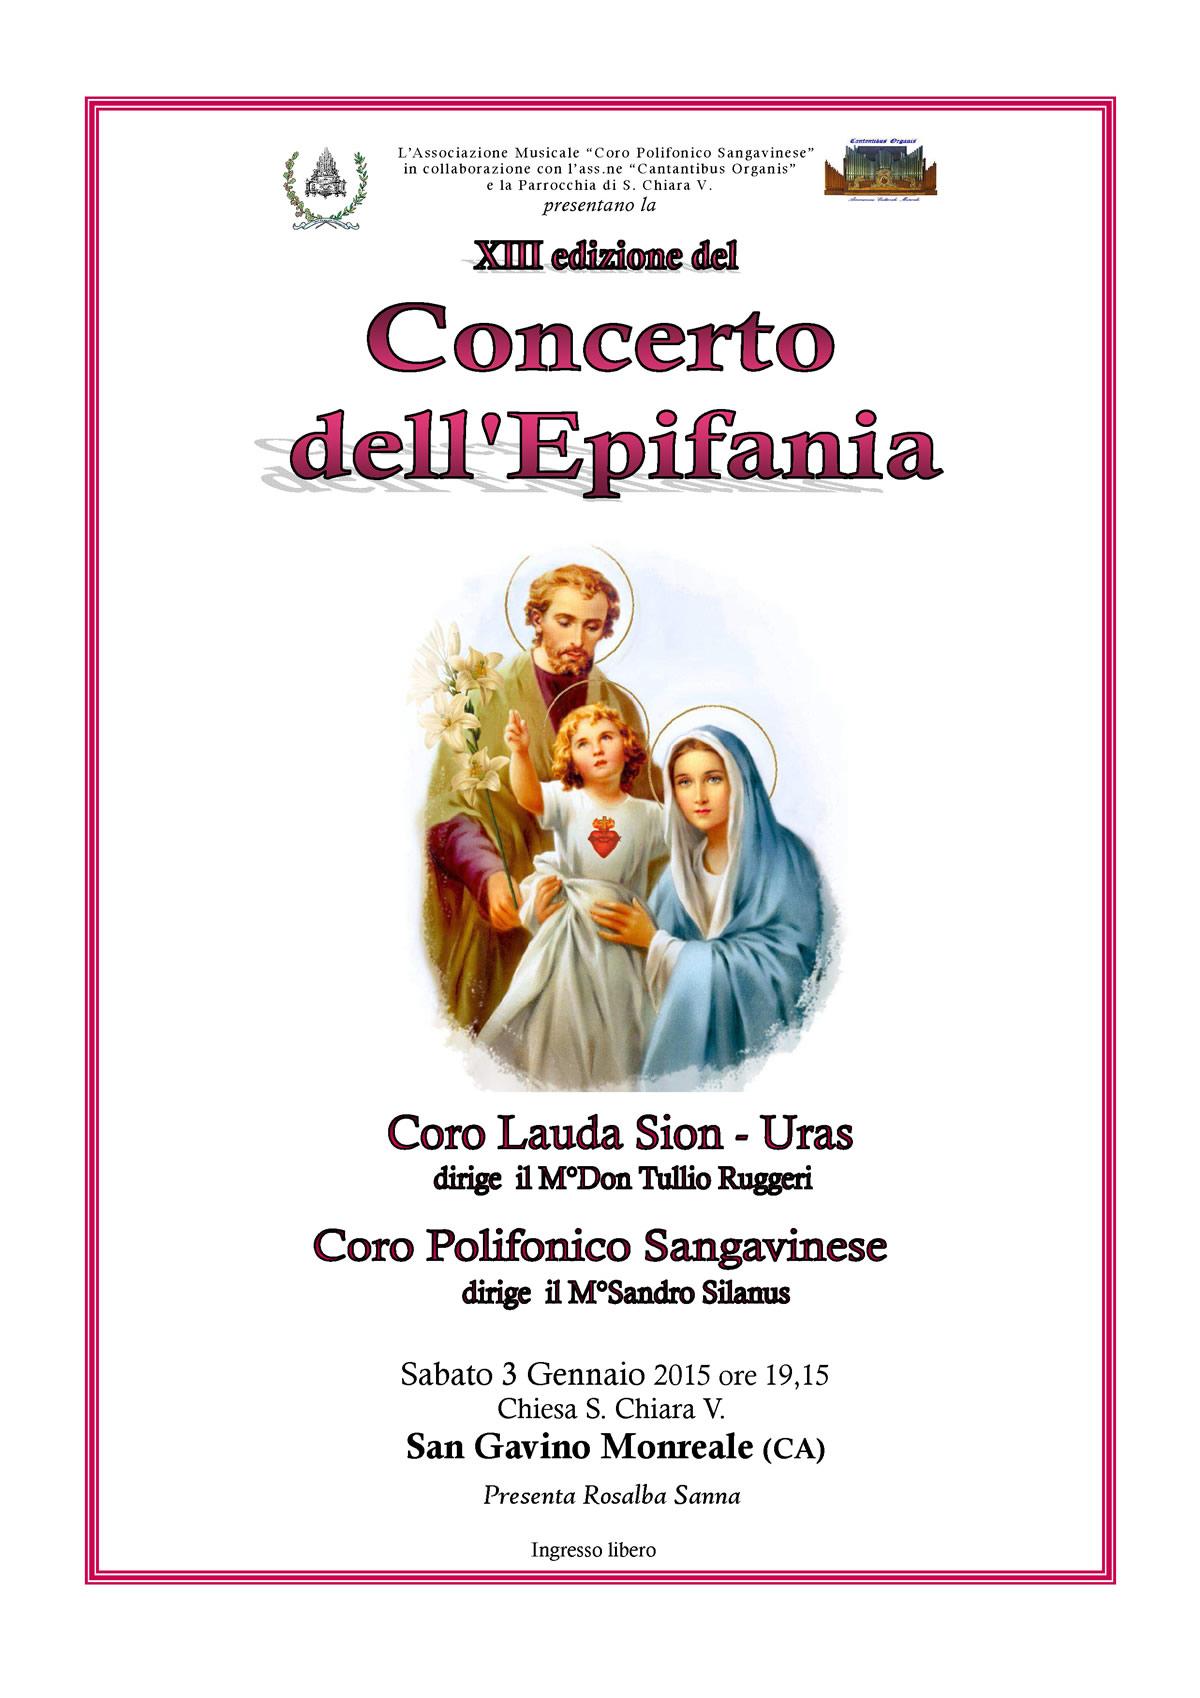 XIII edizione del Concerto dell'Epifania